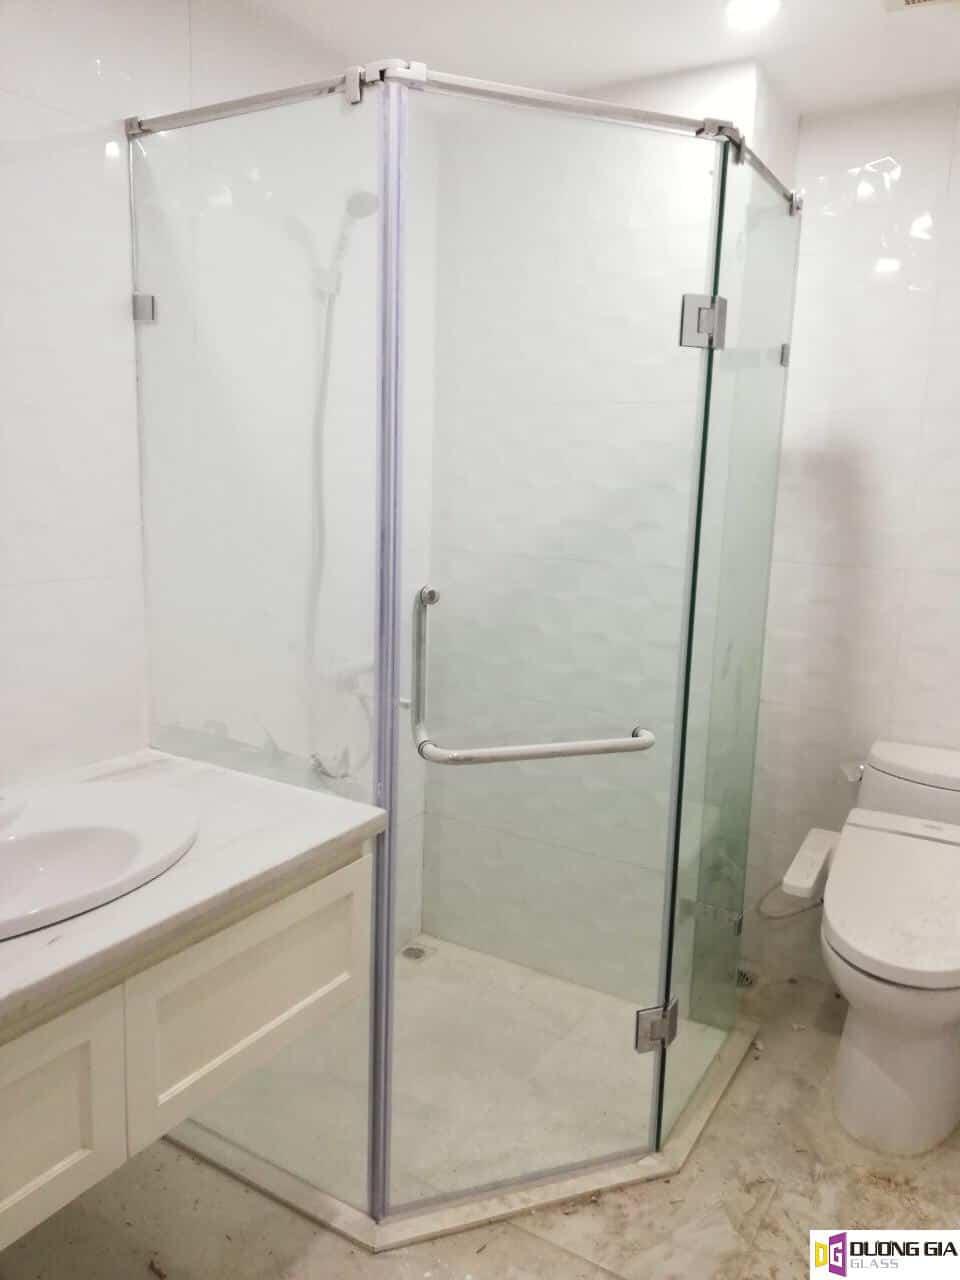 Cabin phòng tắm kính 135 độ mẫu 1